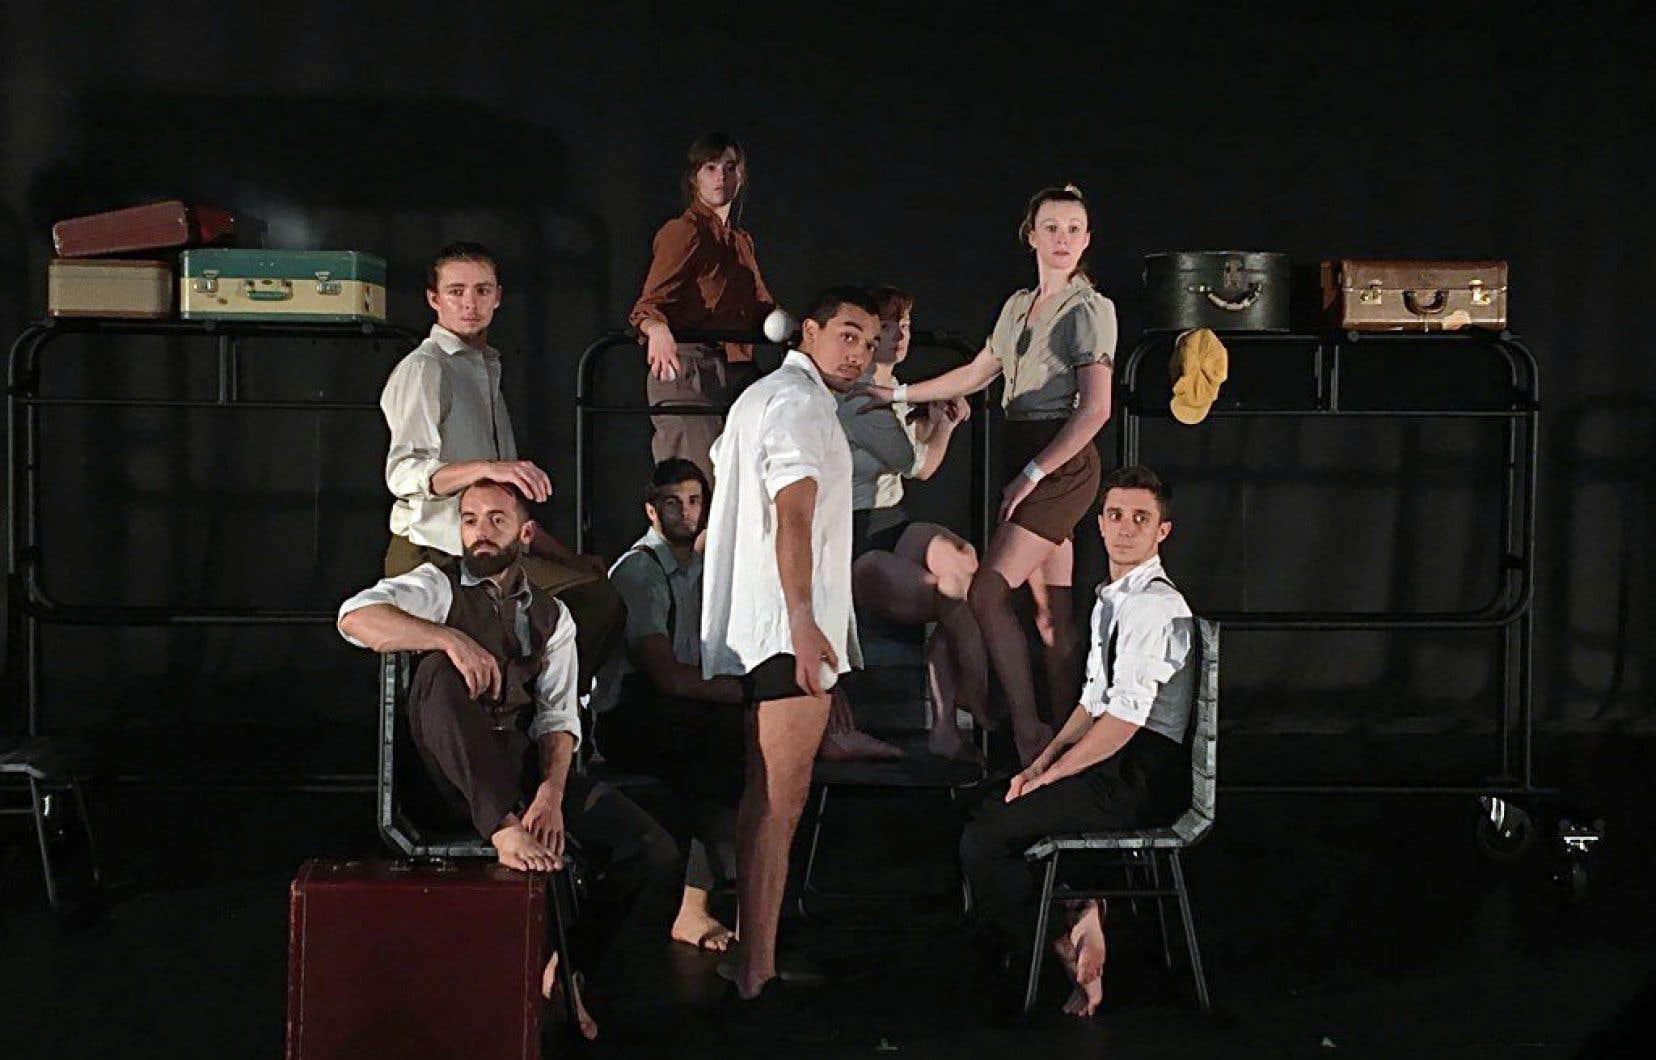 La nouvelle production de la compagnie de cirque Les 7 Doigts, intitulée «Passagers», prendra l'affiche cet automne à la Tohu.